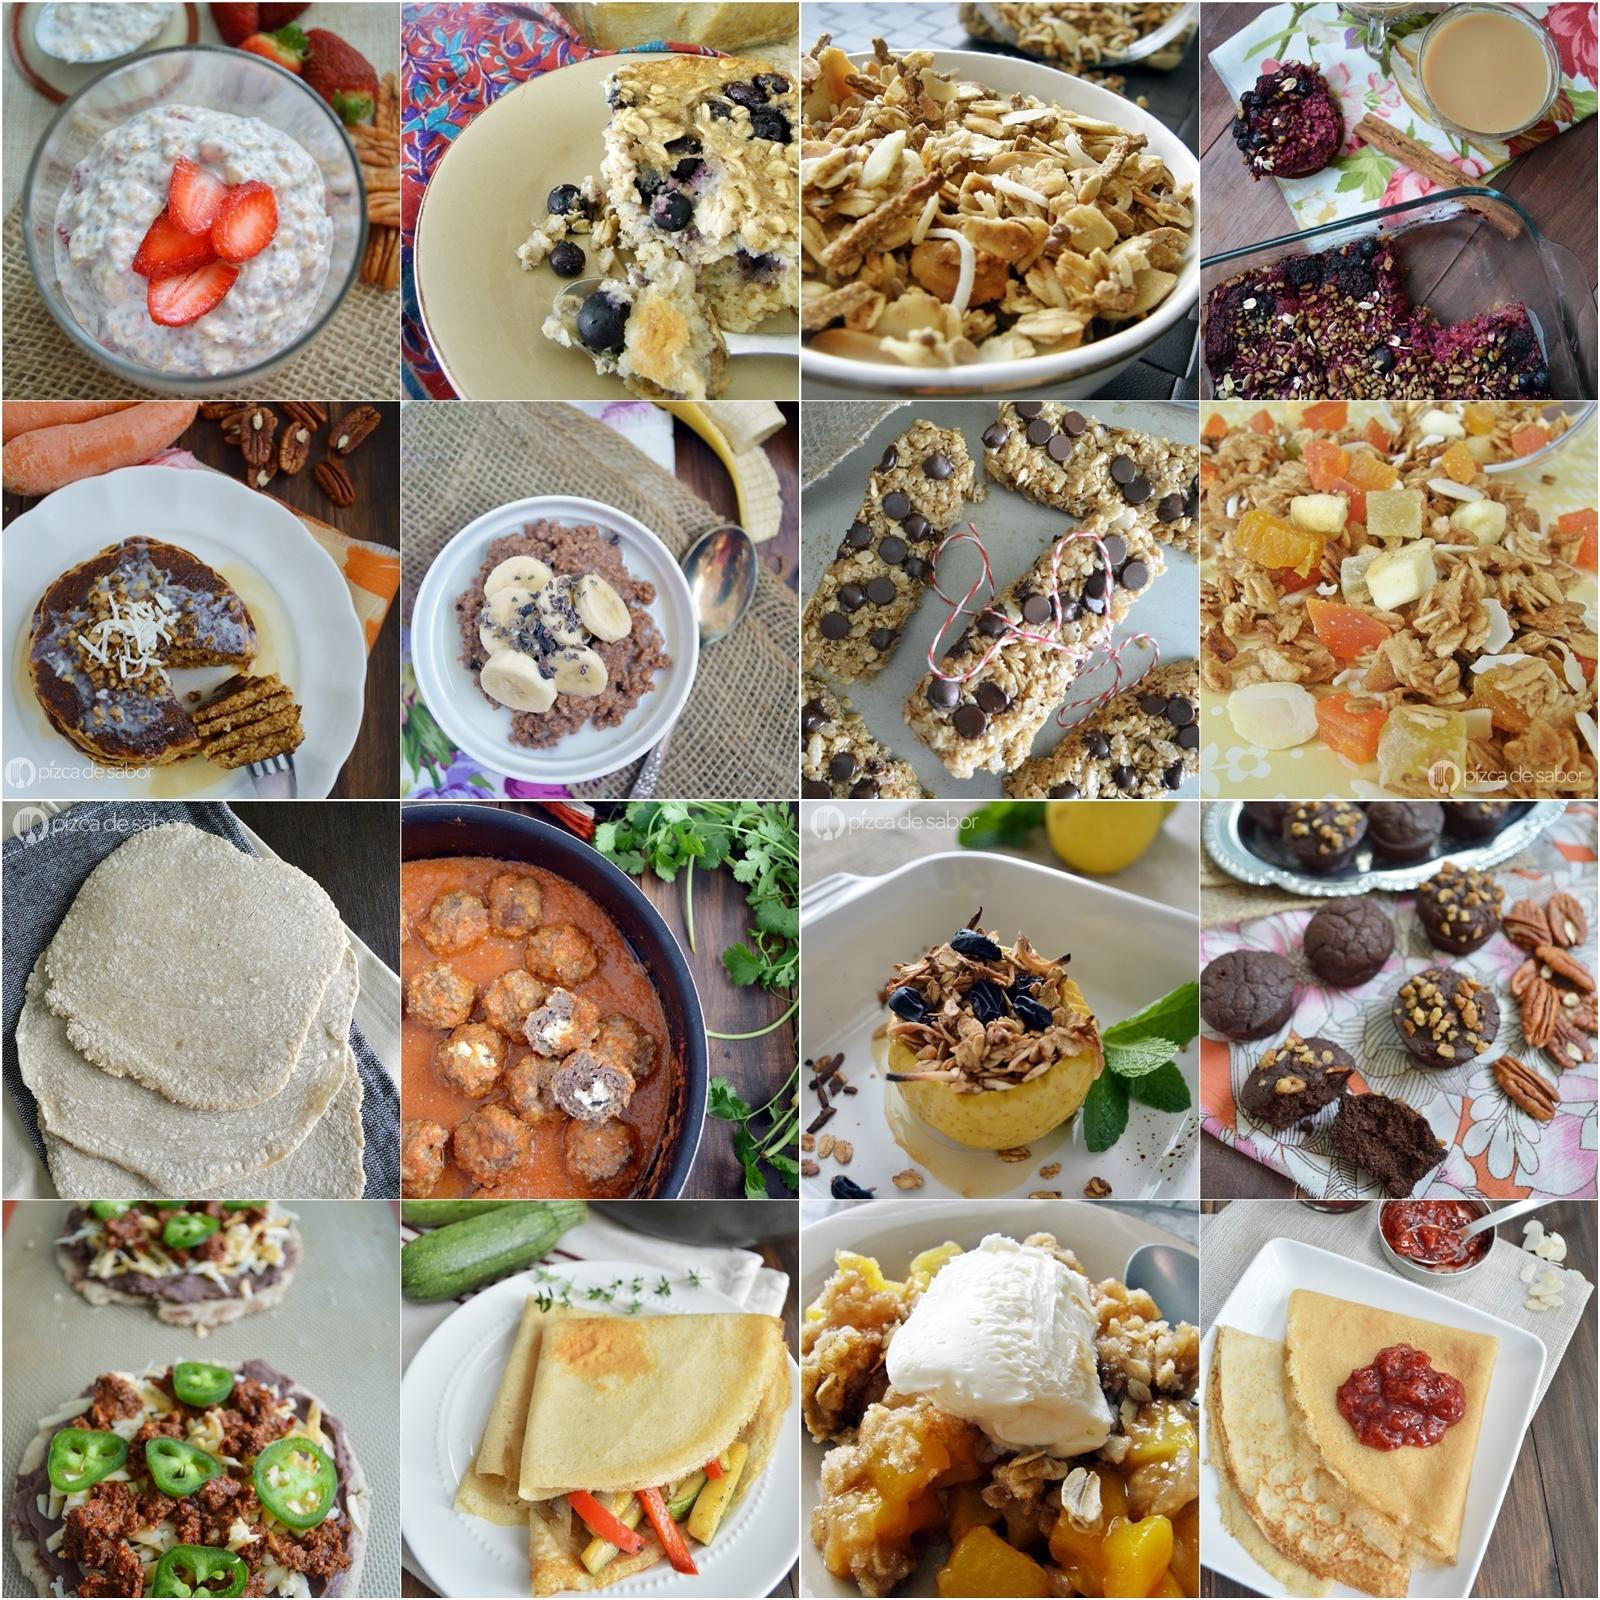 25 recetas con avena (nuevas formas para usar la avena en desayunos, snacks, postres, comidas, bebidas y más)